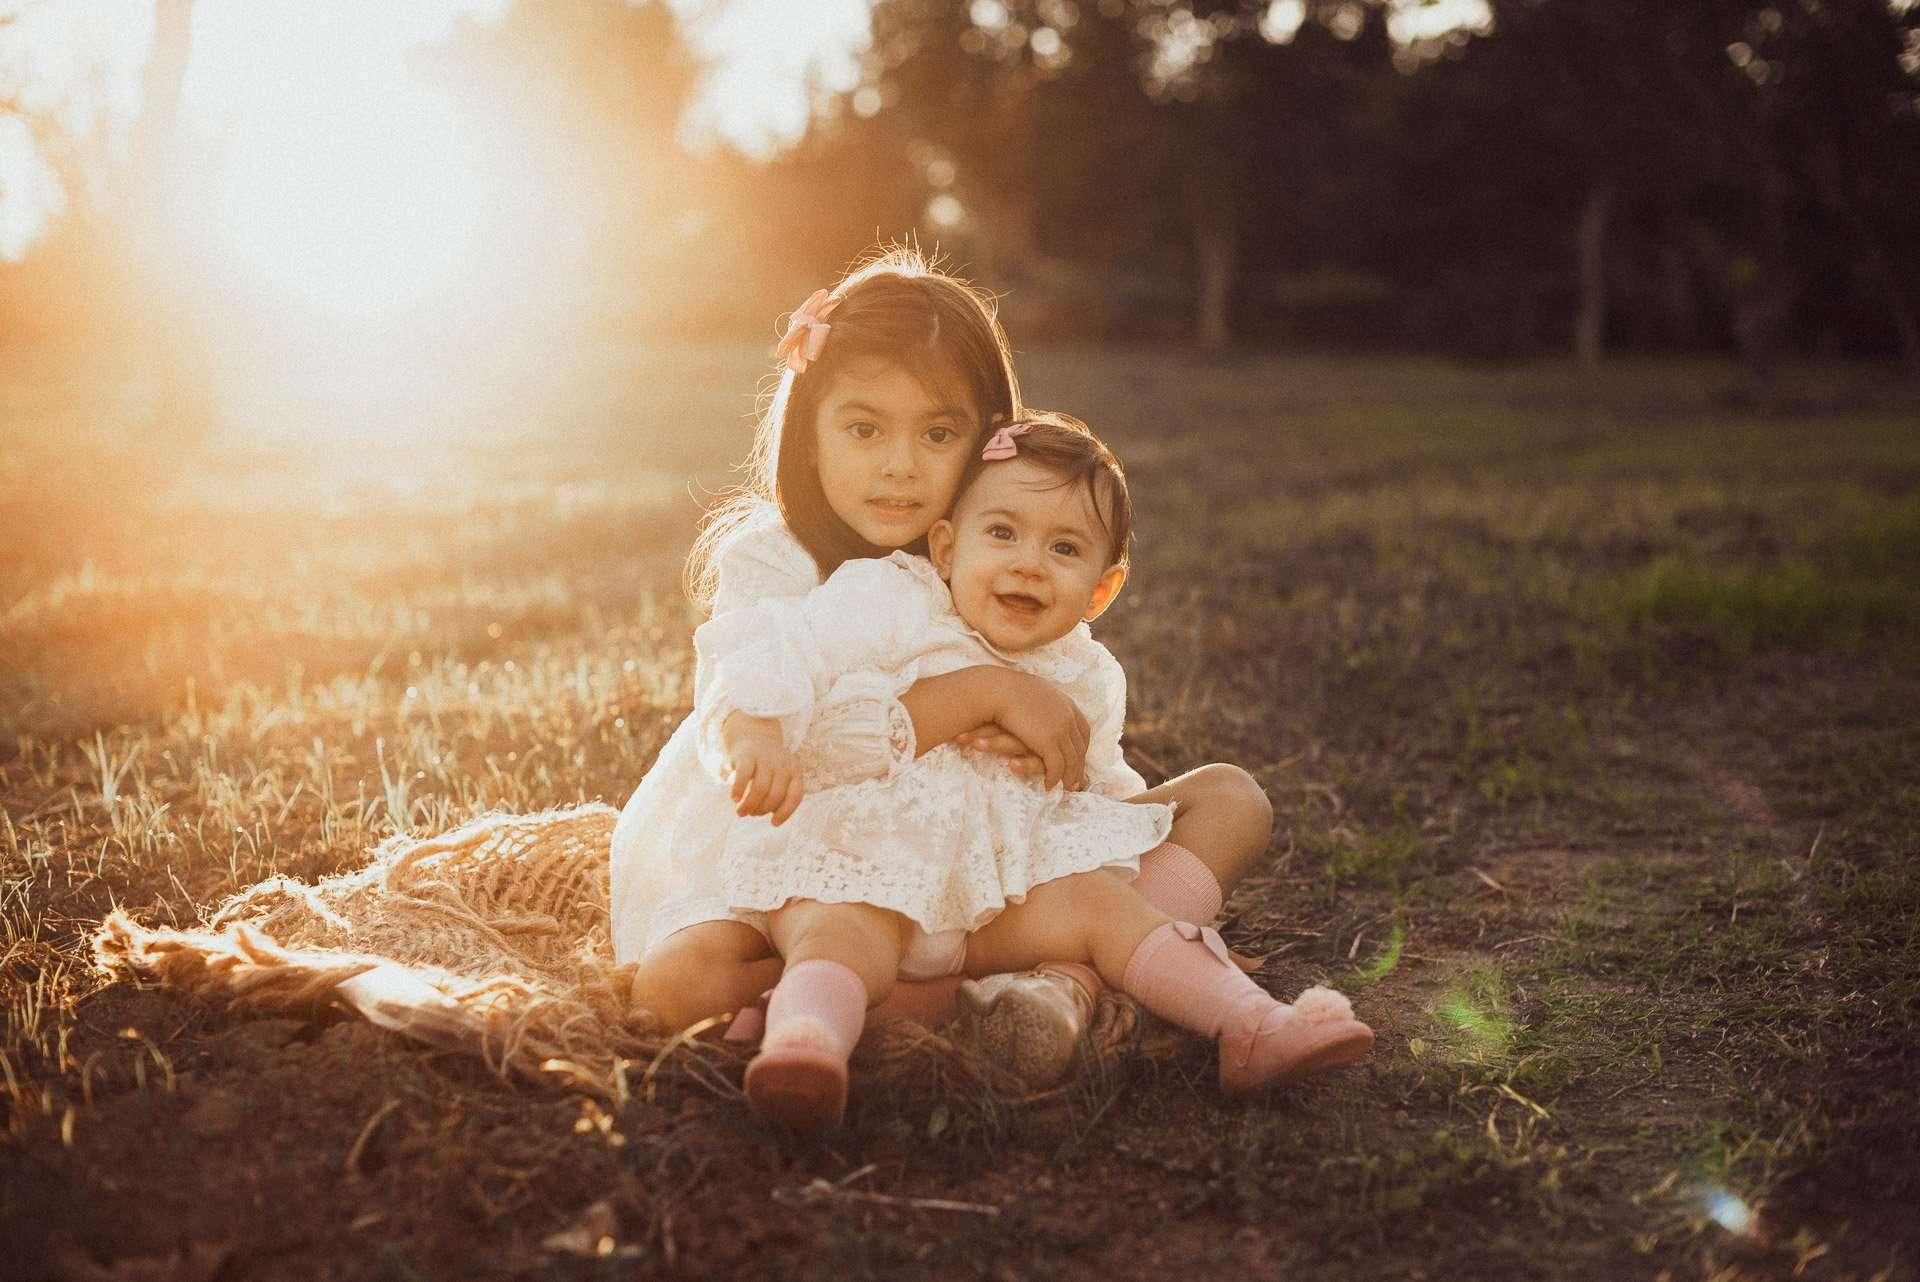 Fotografia sorelle nei campi